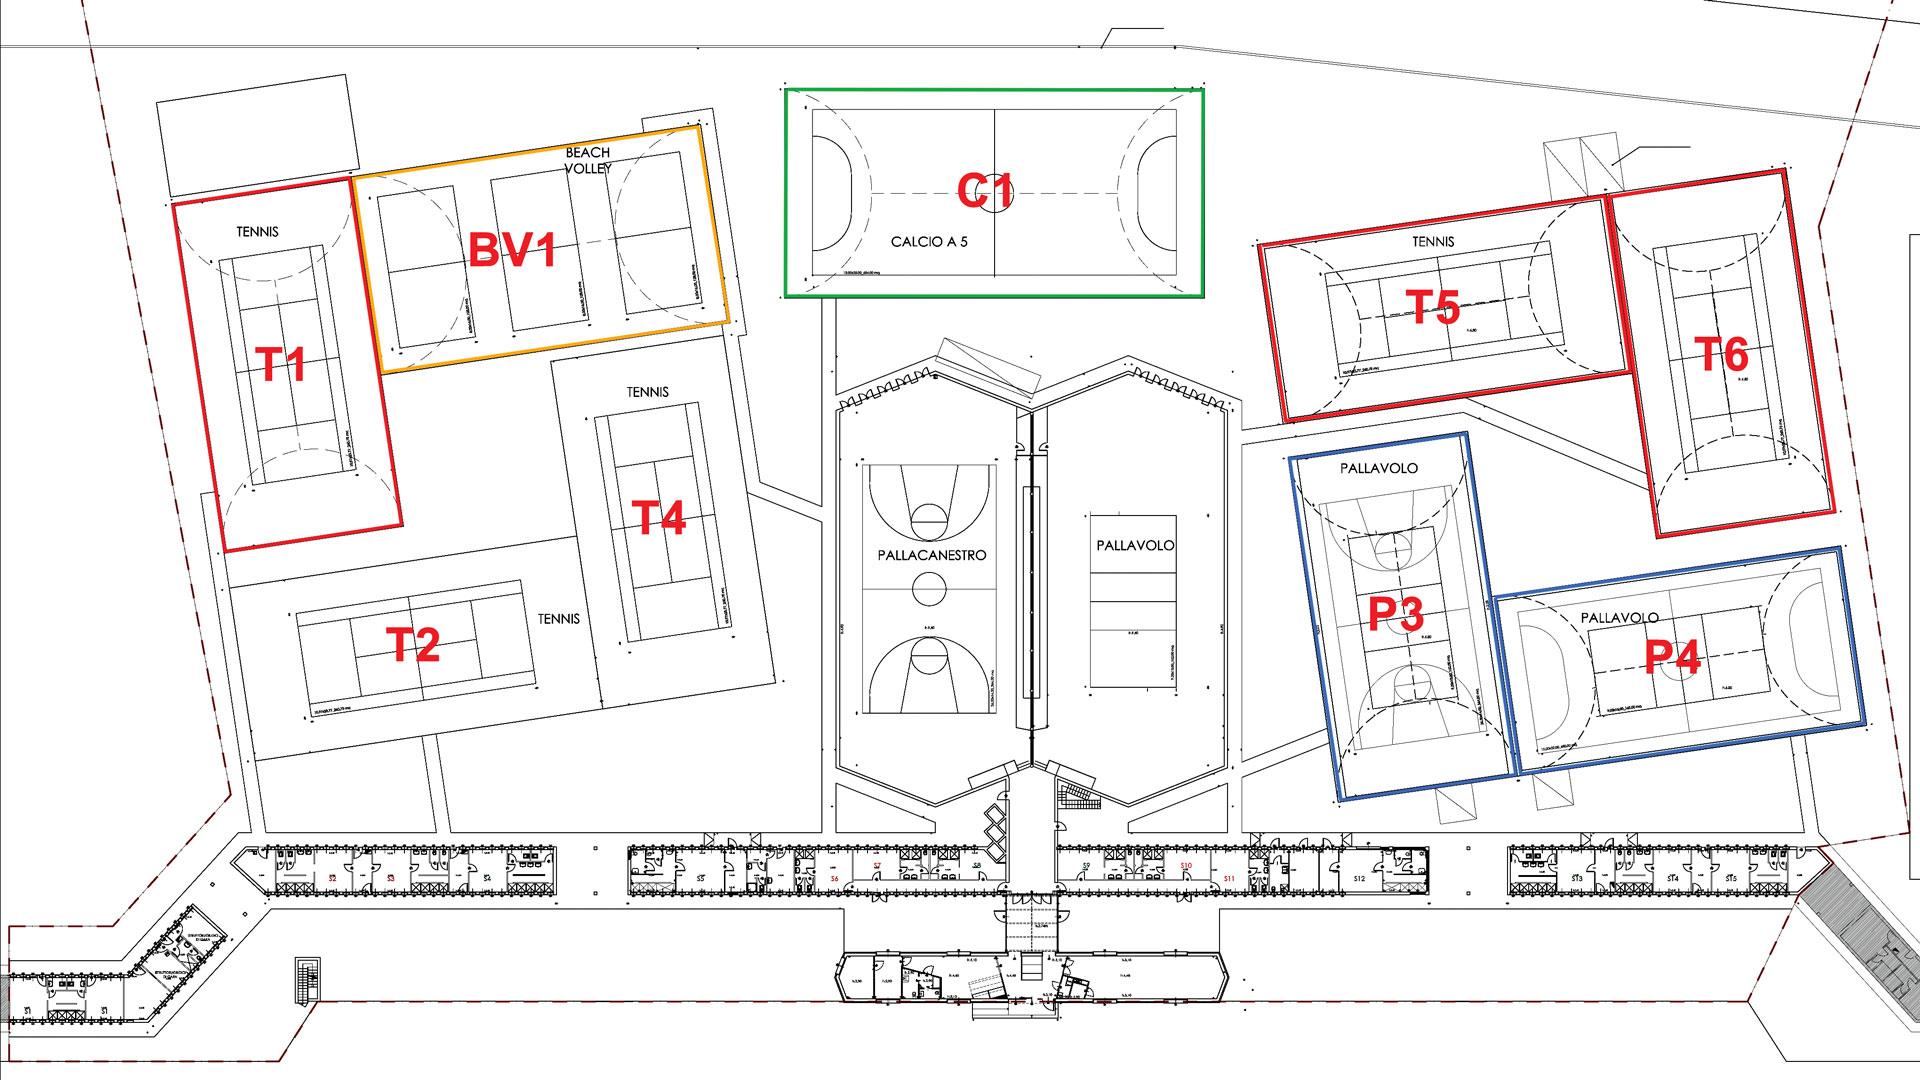 planimetria-generale-progetto-A3